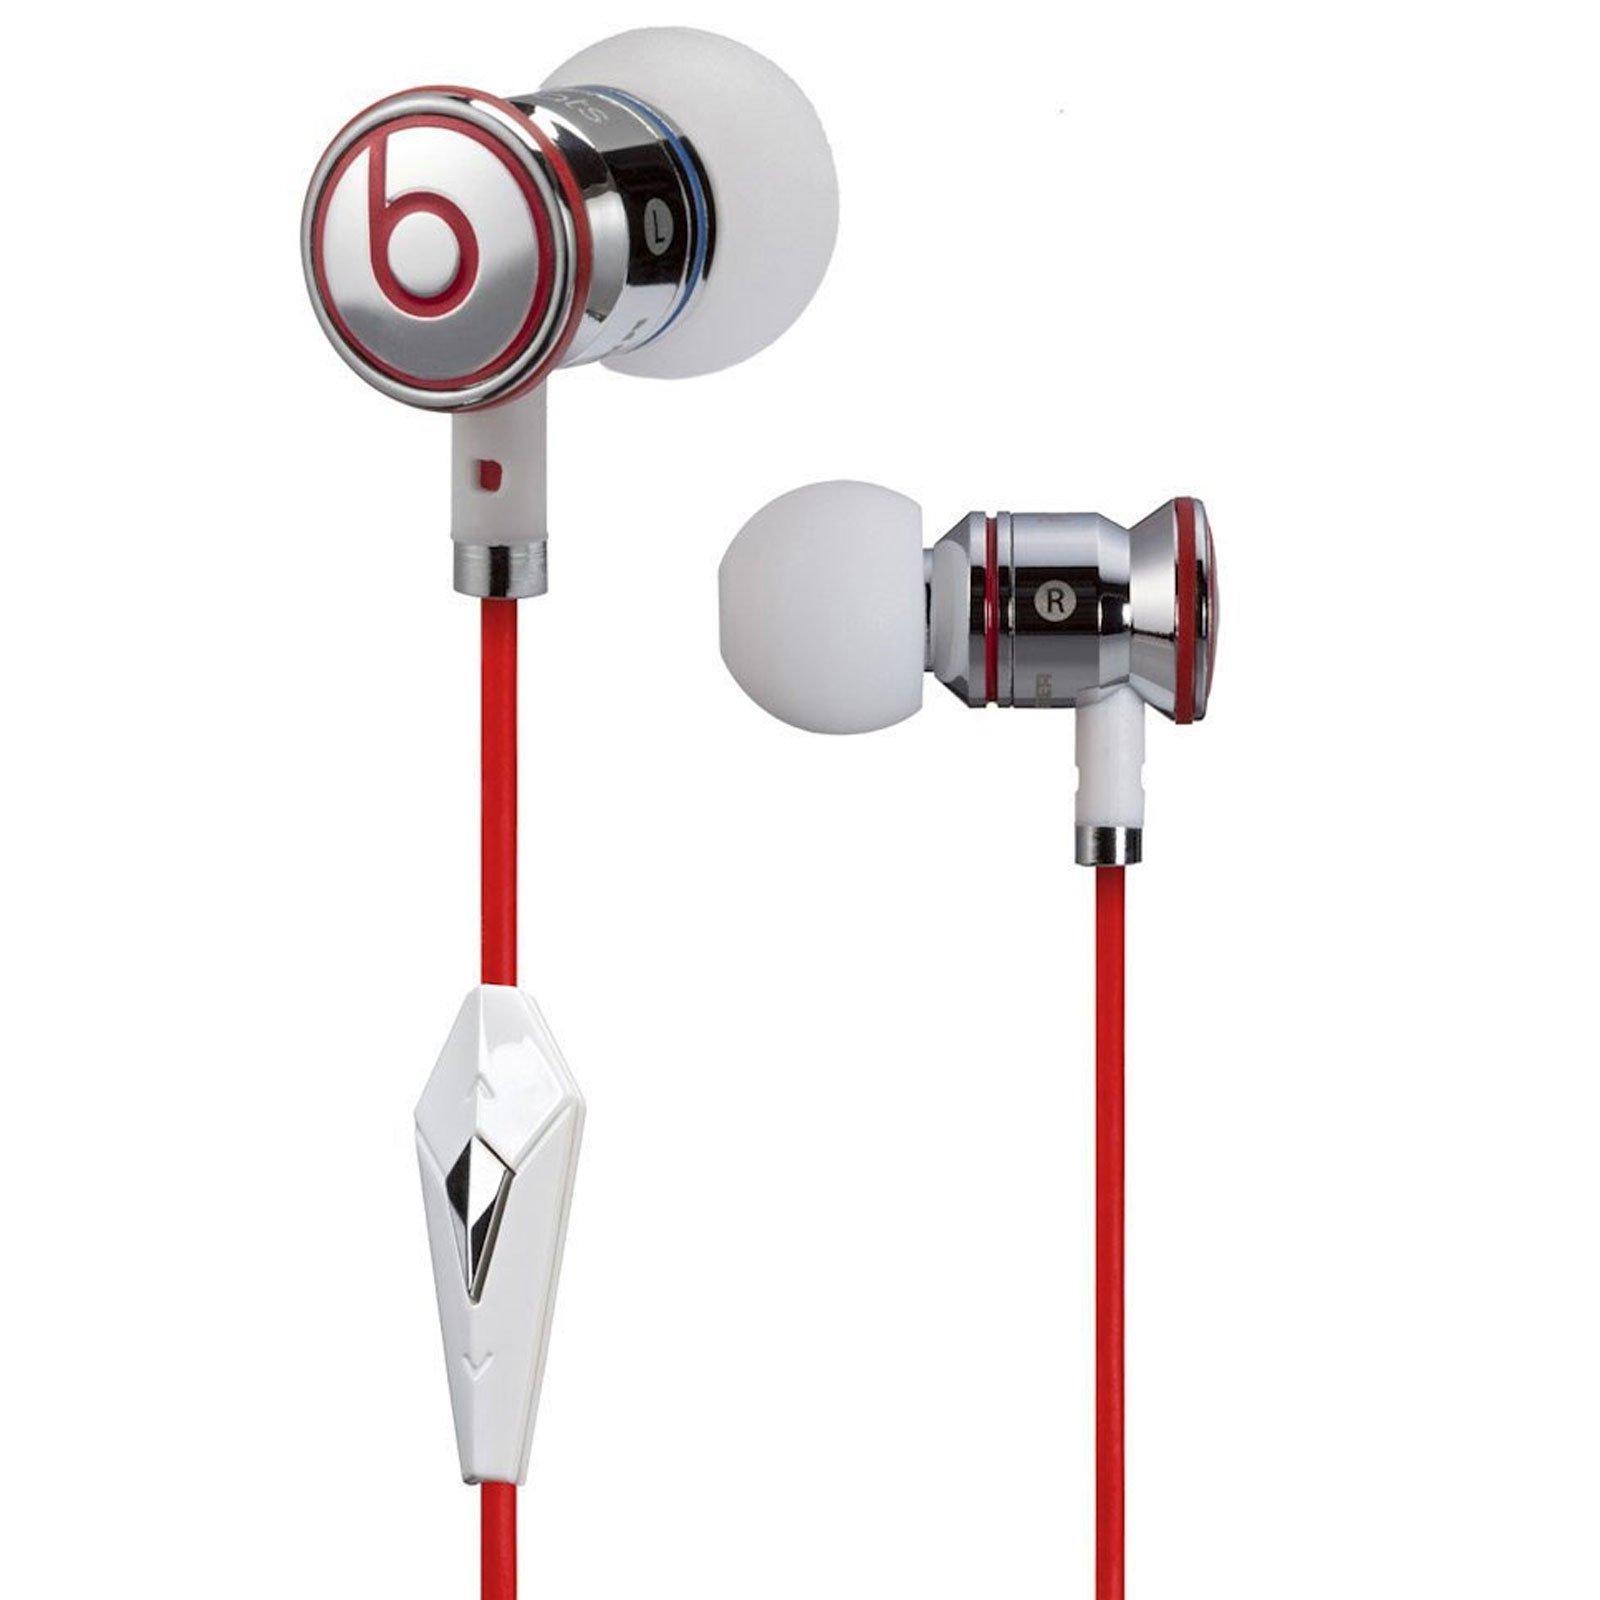 Beats By Dr. Dre Monster iBeats In-Ear Earphones, White by Beats